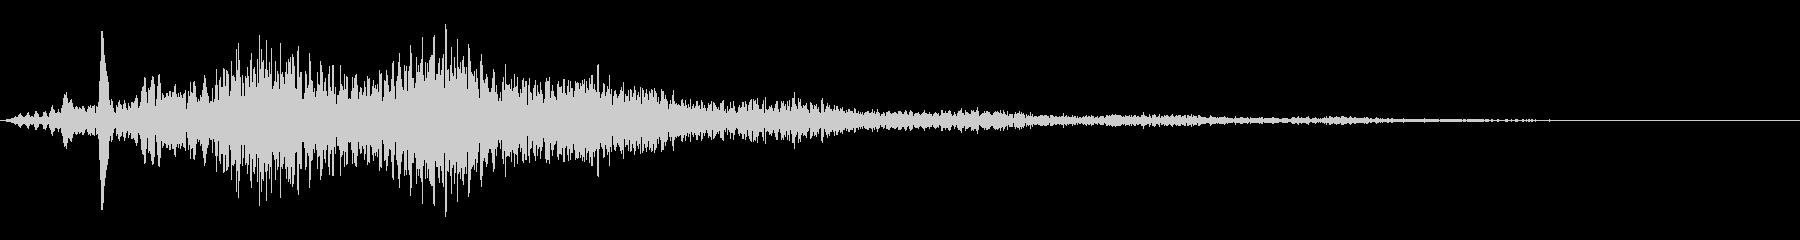 場面切り替え(シーン):SF風の音の未再生の波形